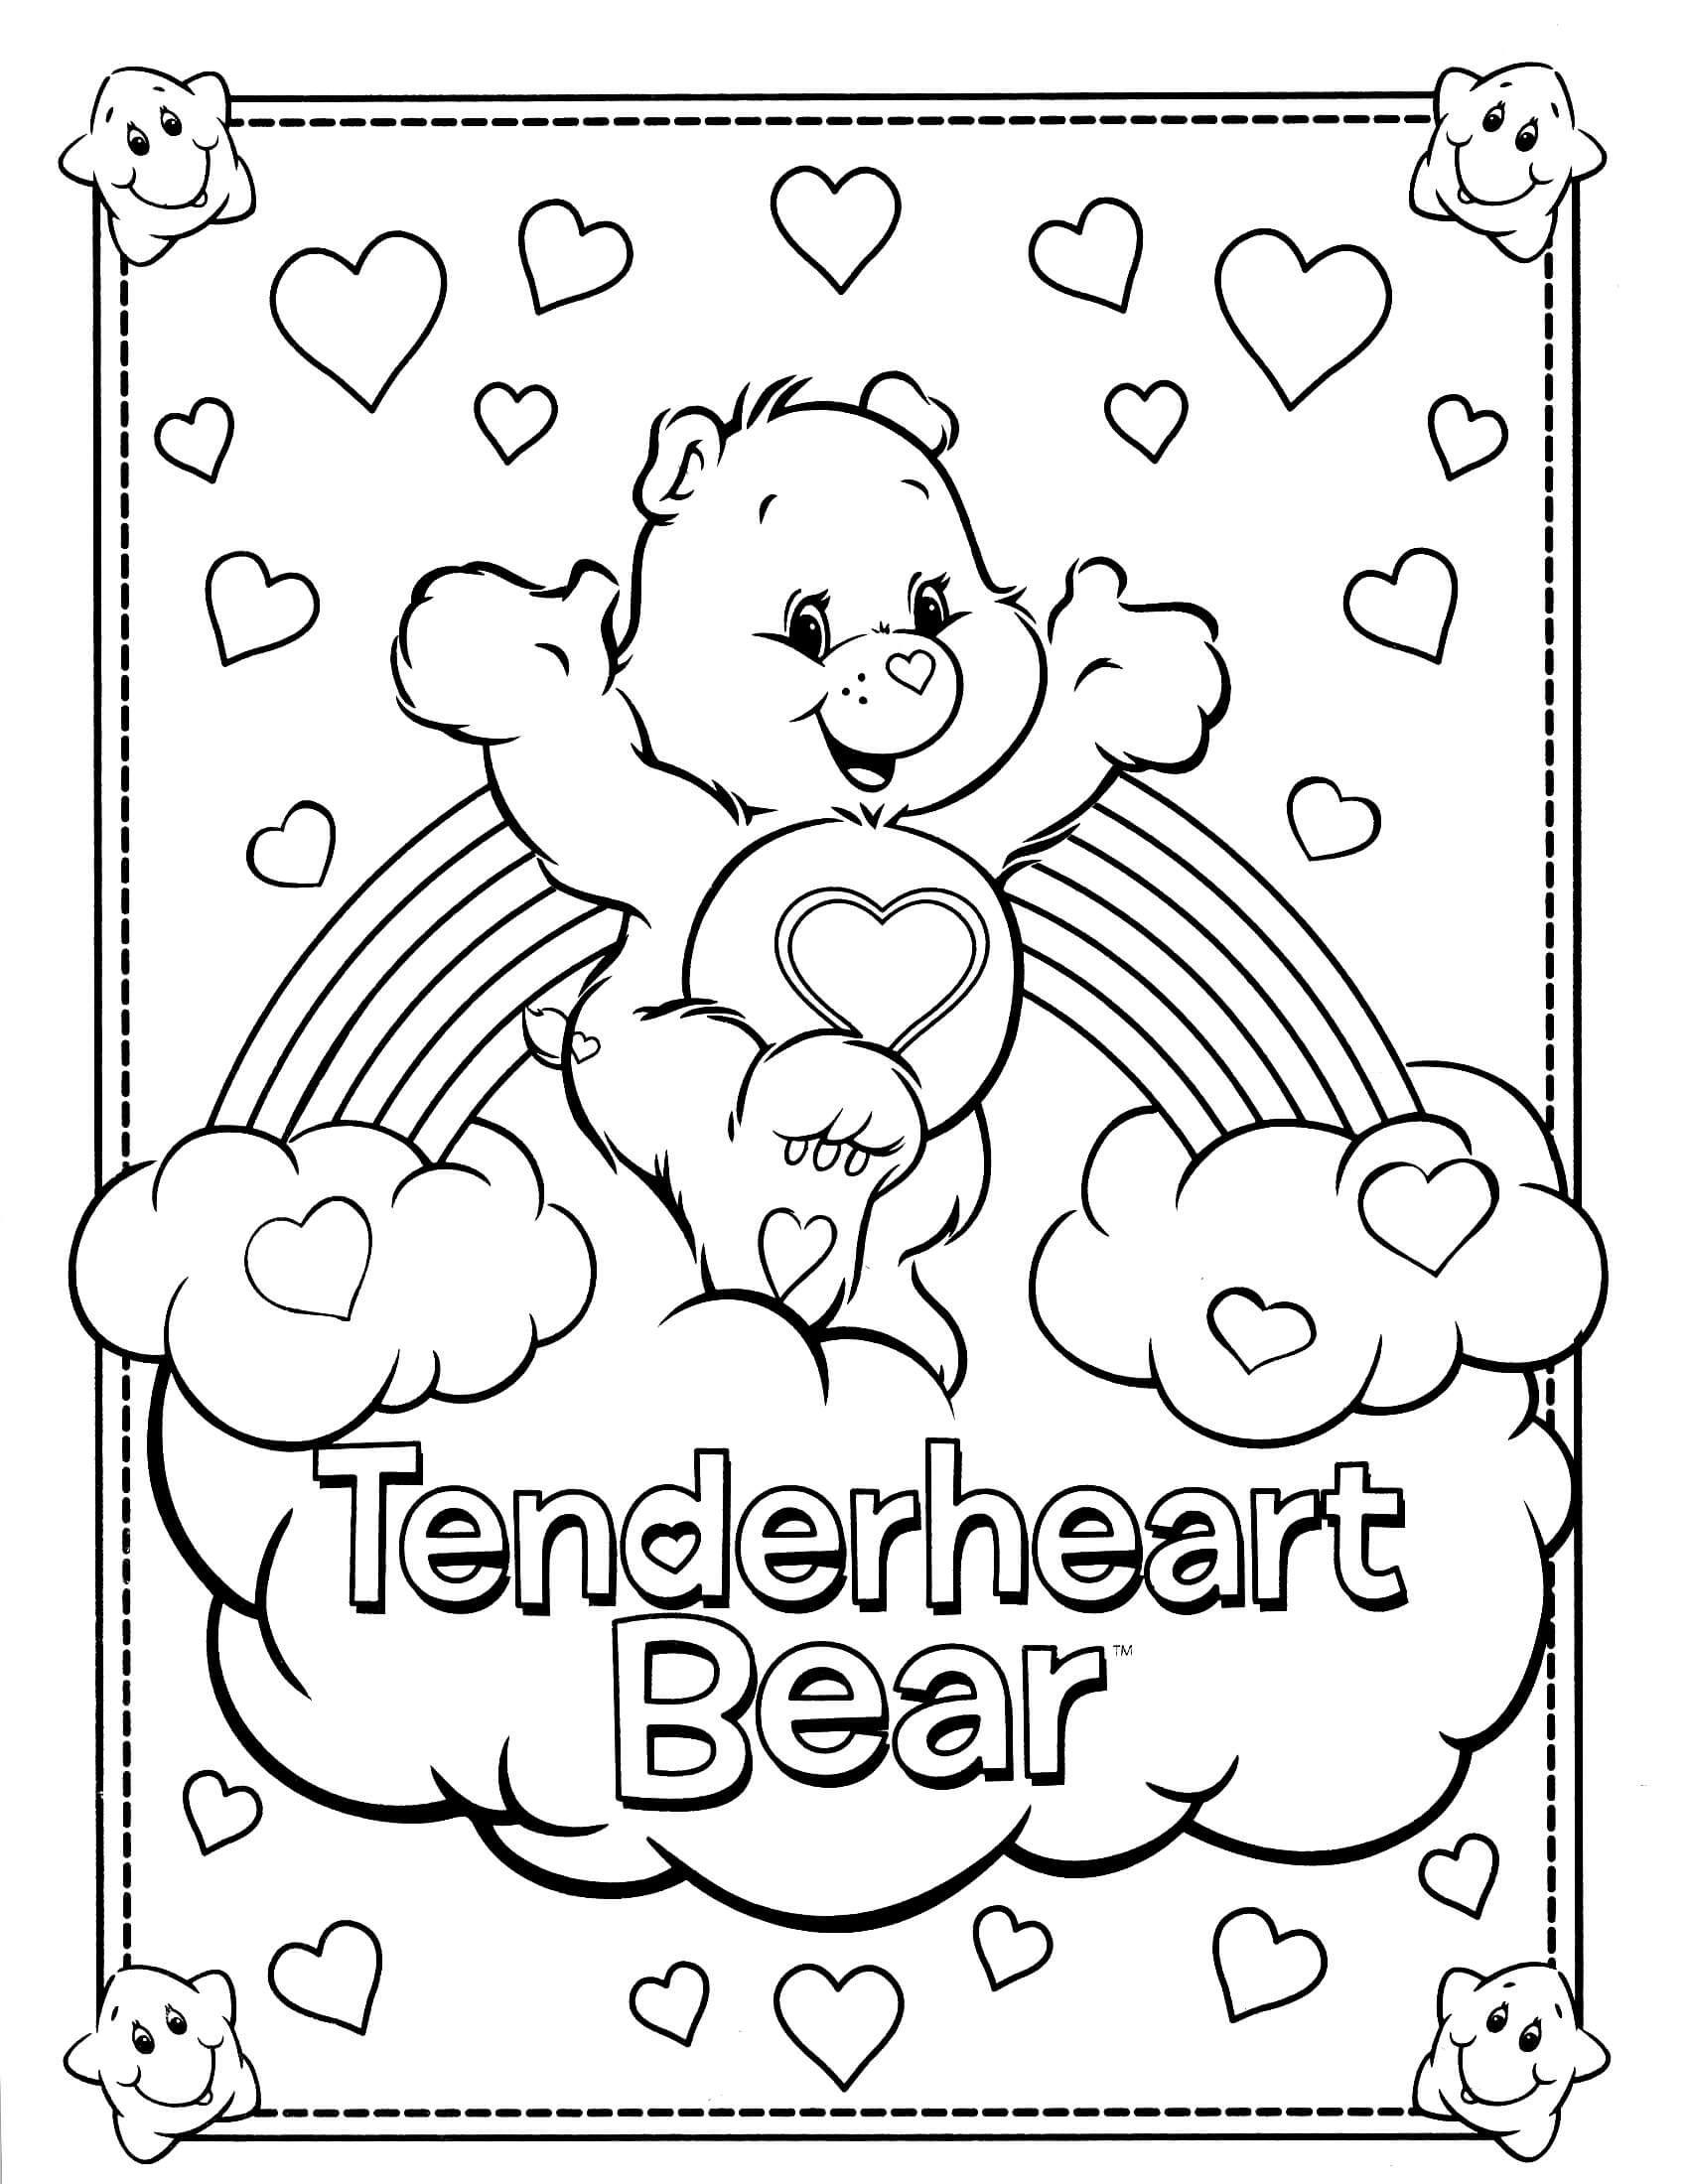 A Tender Heart